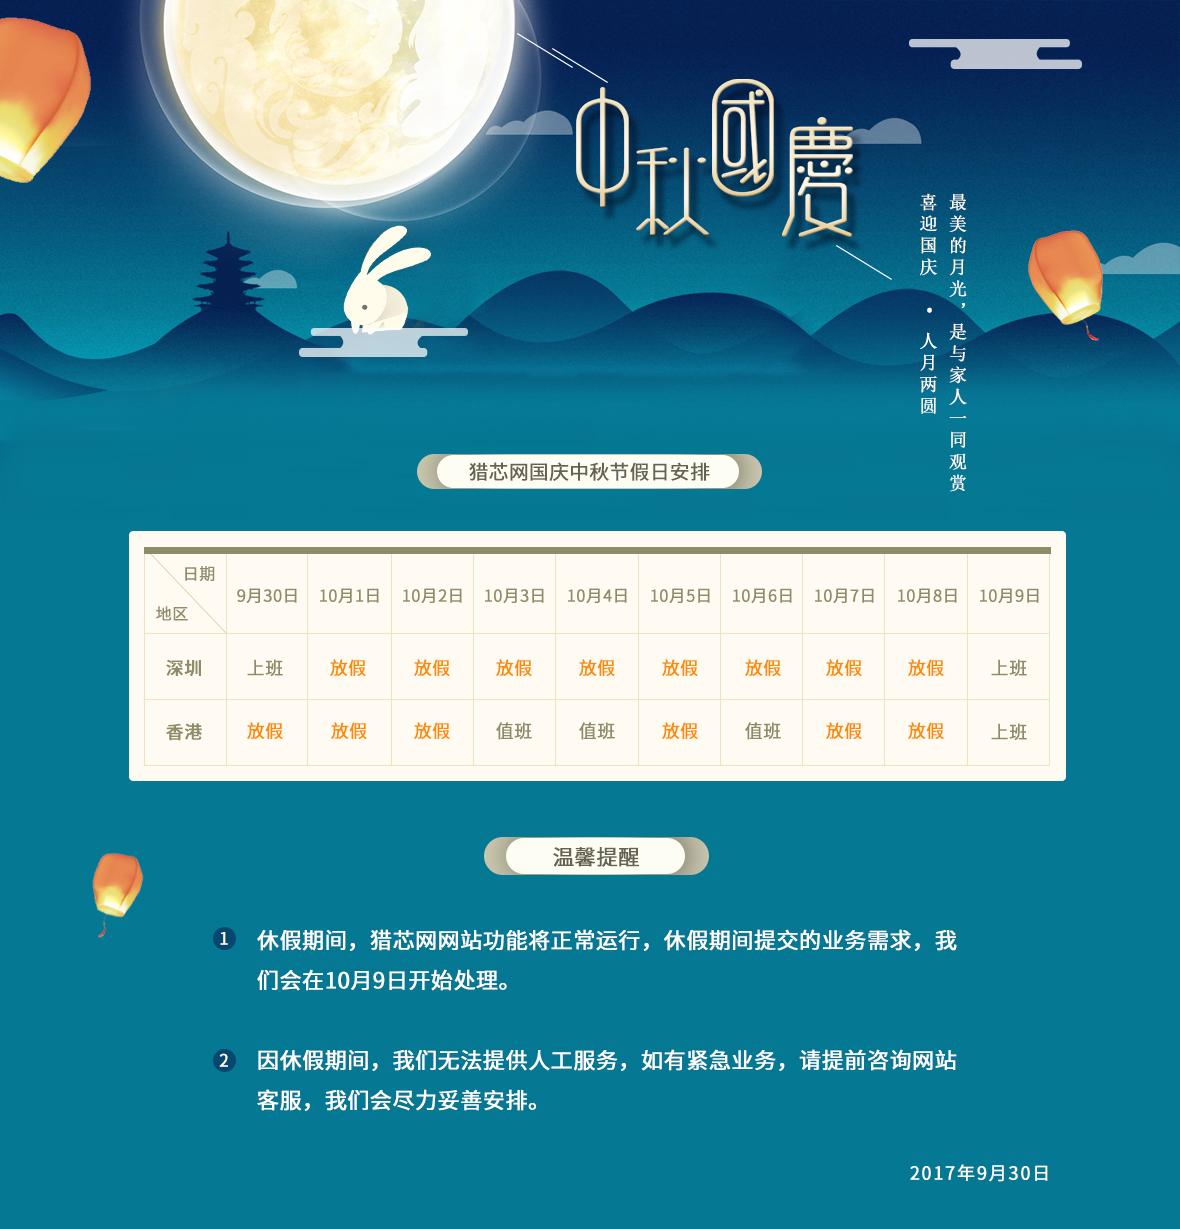 十一中秋网站通知-20170929.jpg